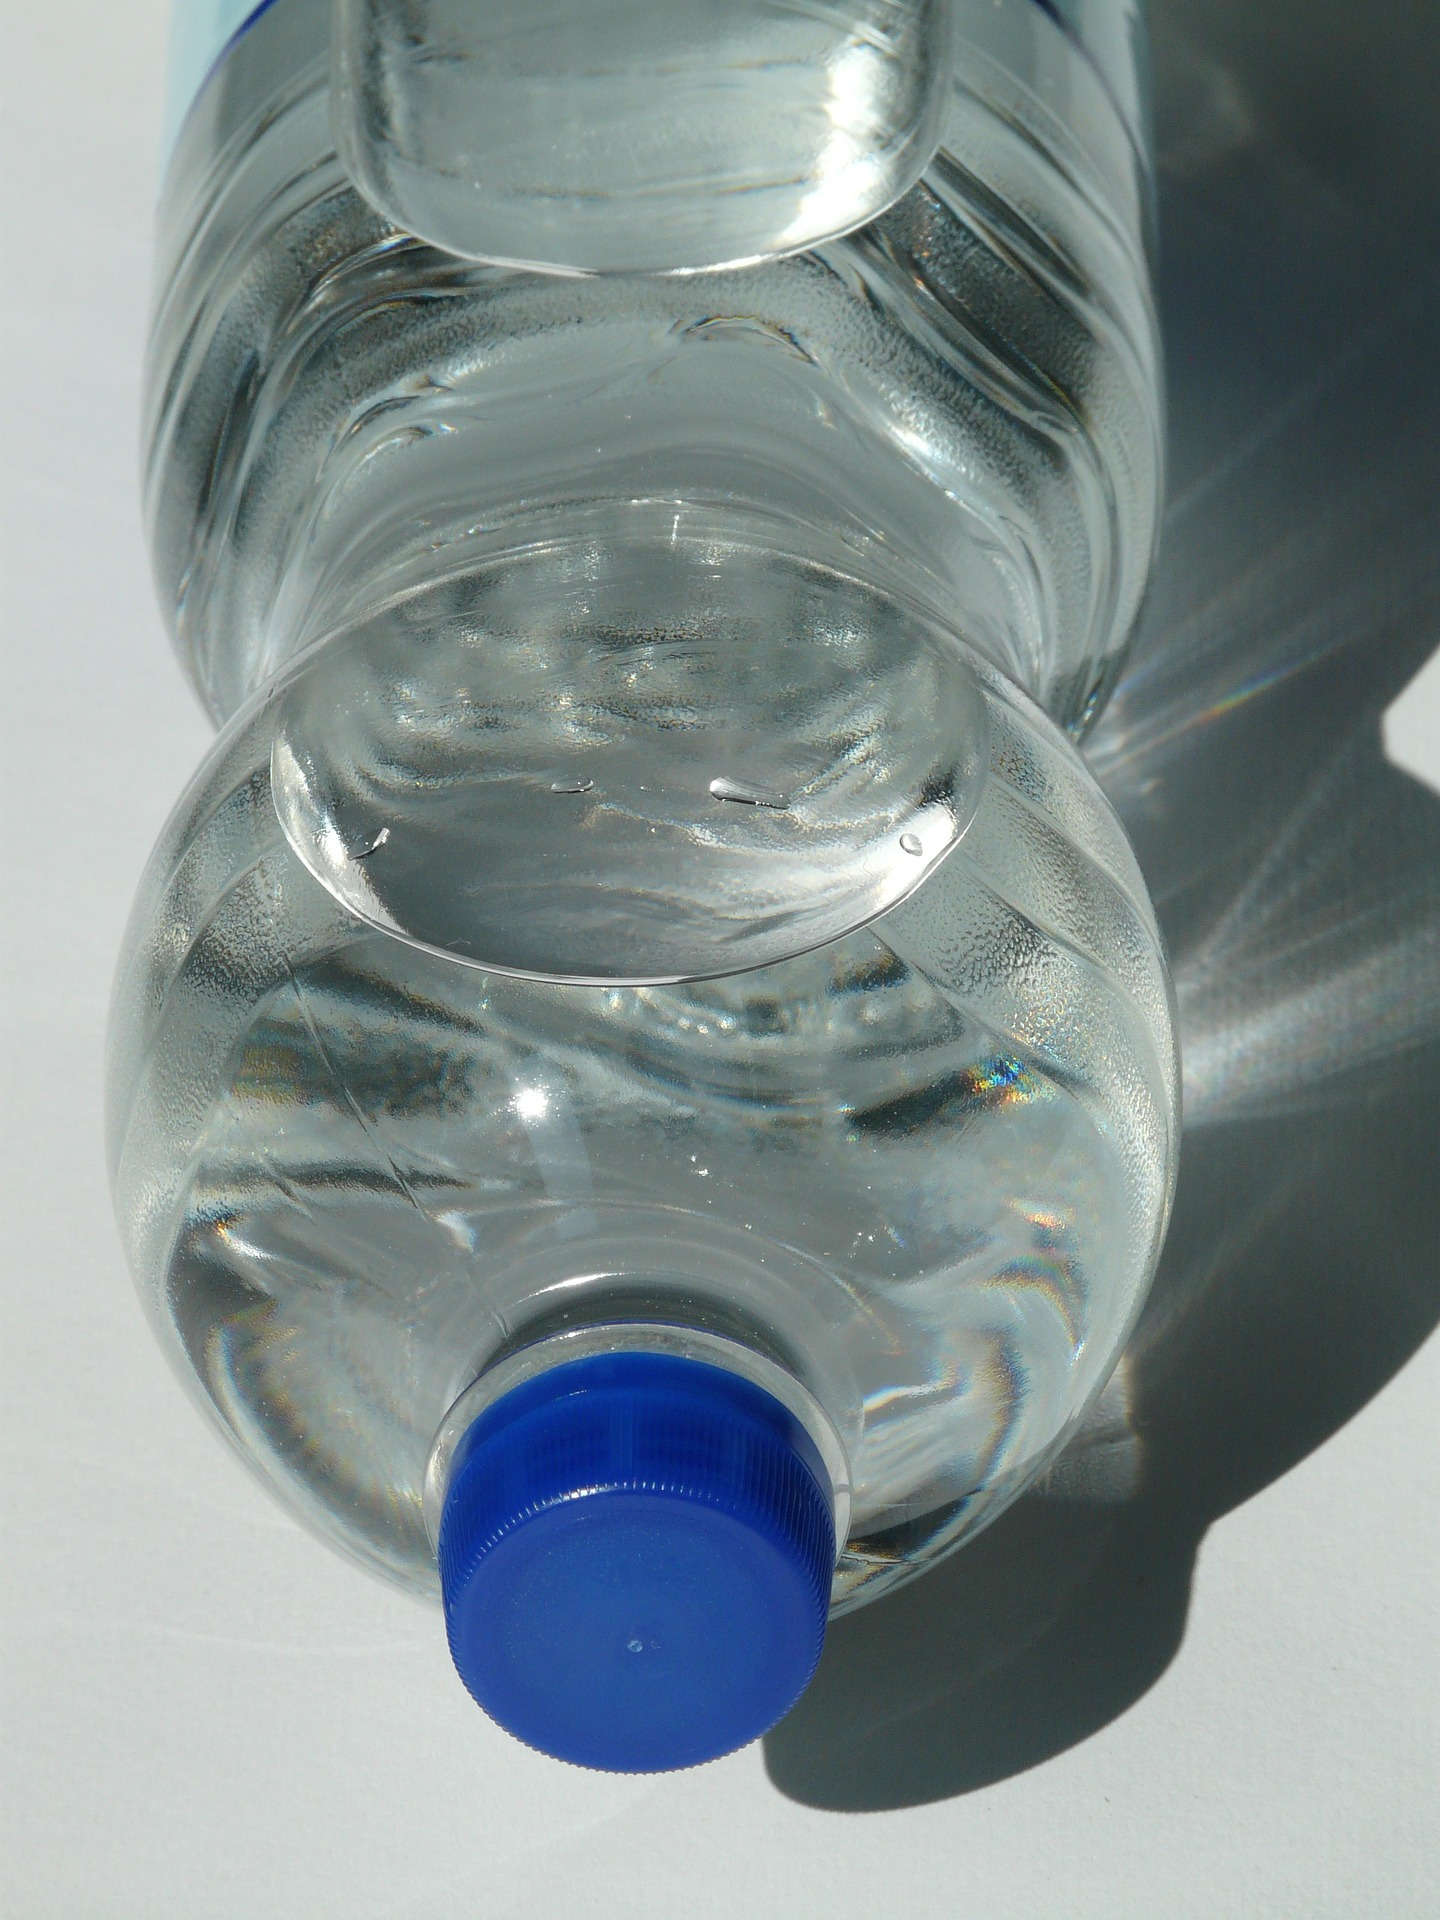 plastic-bottle-60472_1920